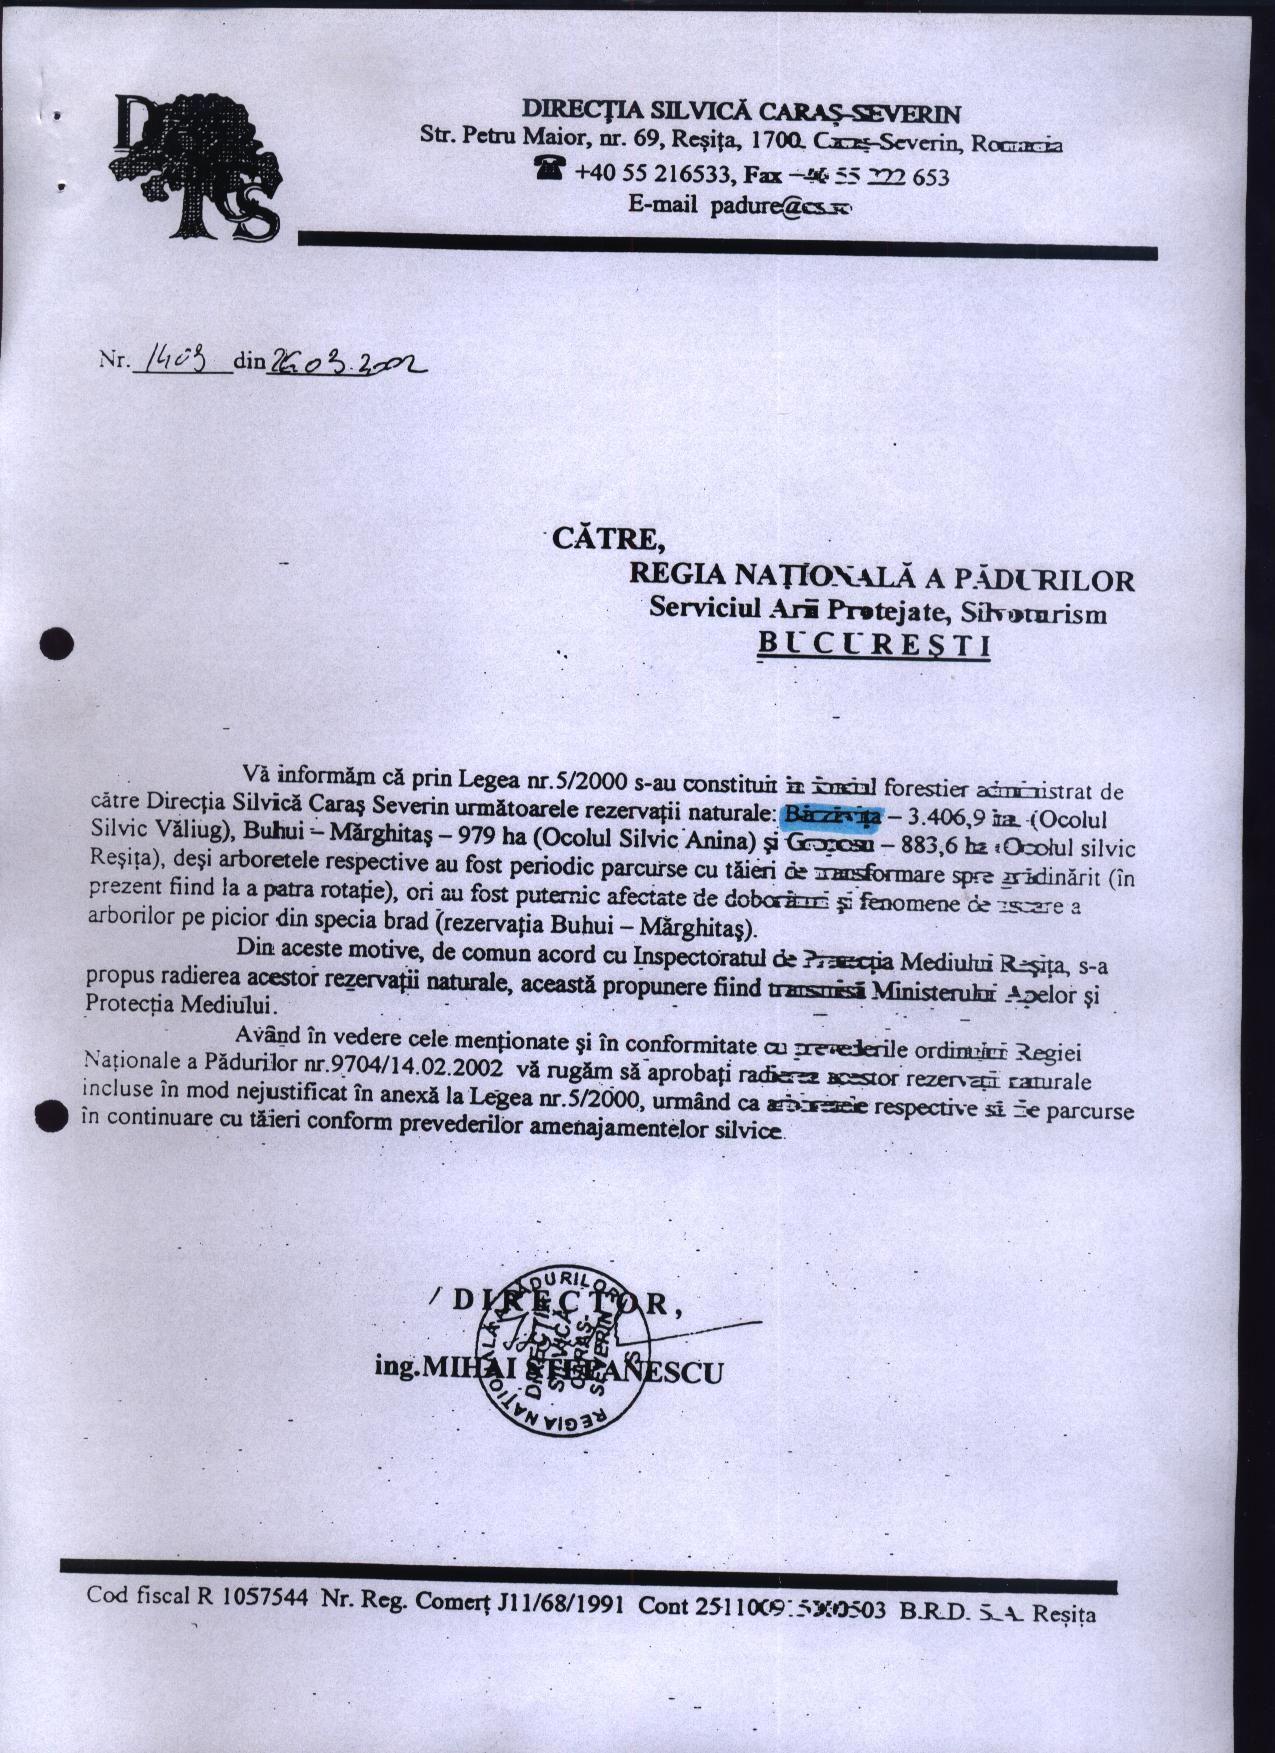 2002 directia silvica radierea